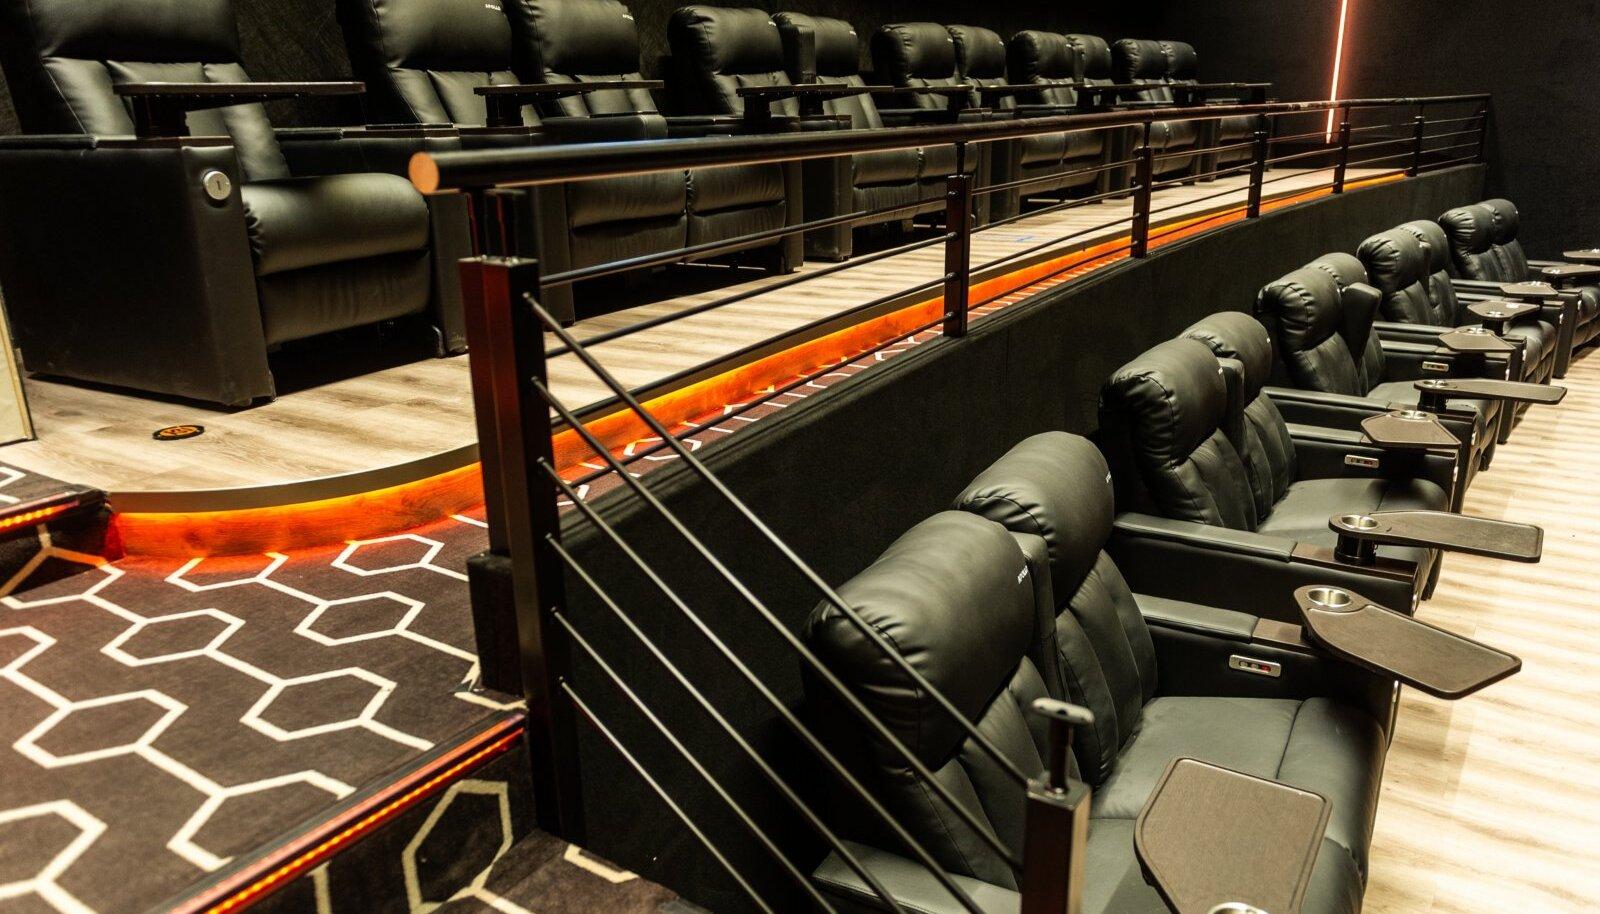 Kinodes on ventilatsioonisüsteemid niivõrd tõhusad, et õhk püsib puhas ja kvaliteetne.